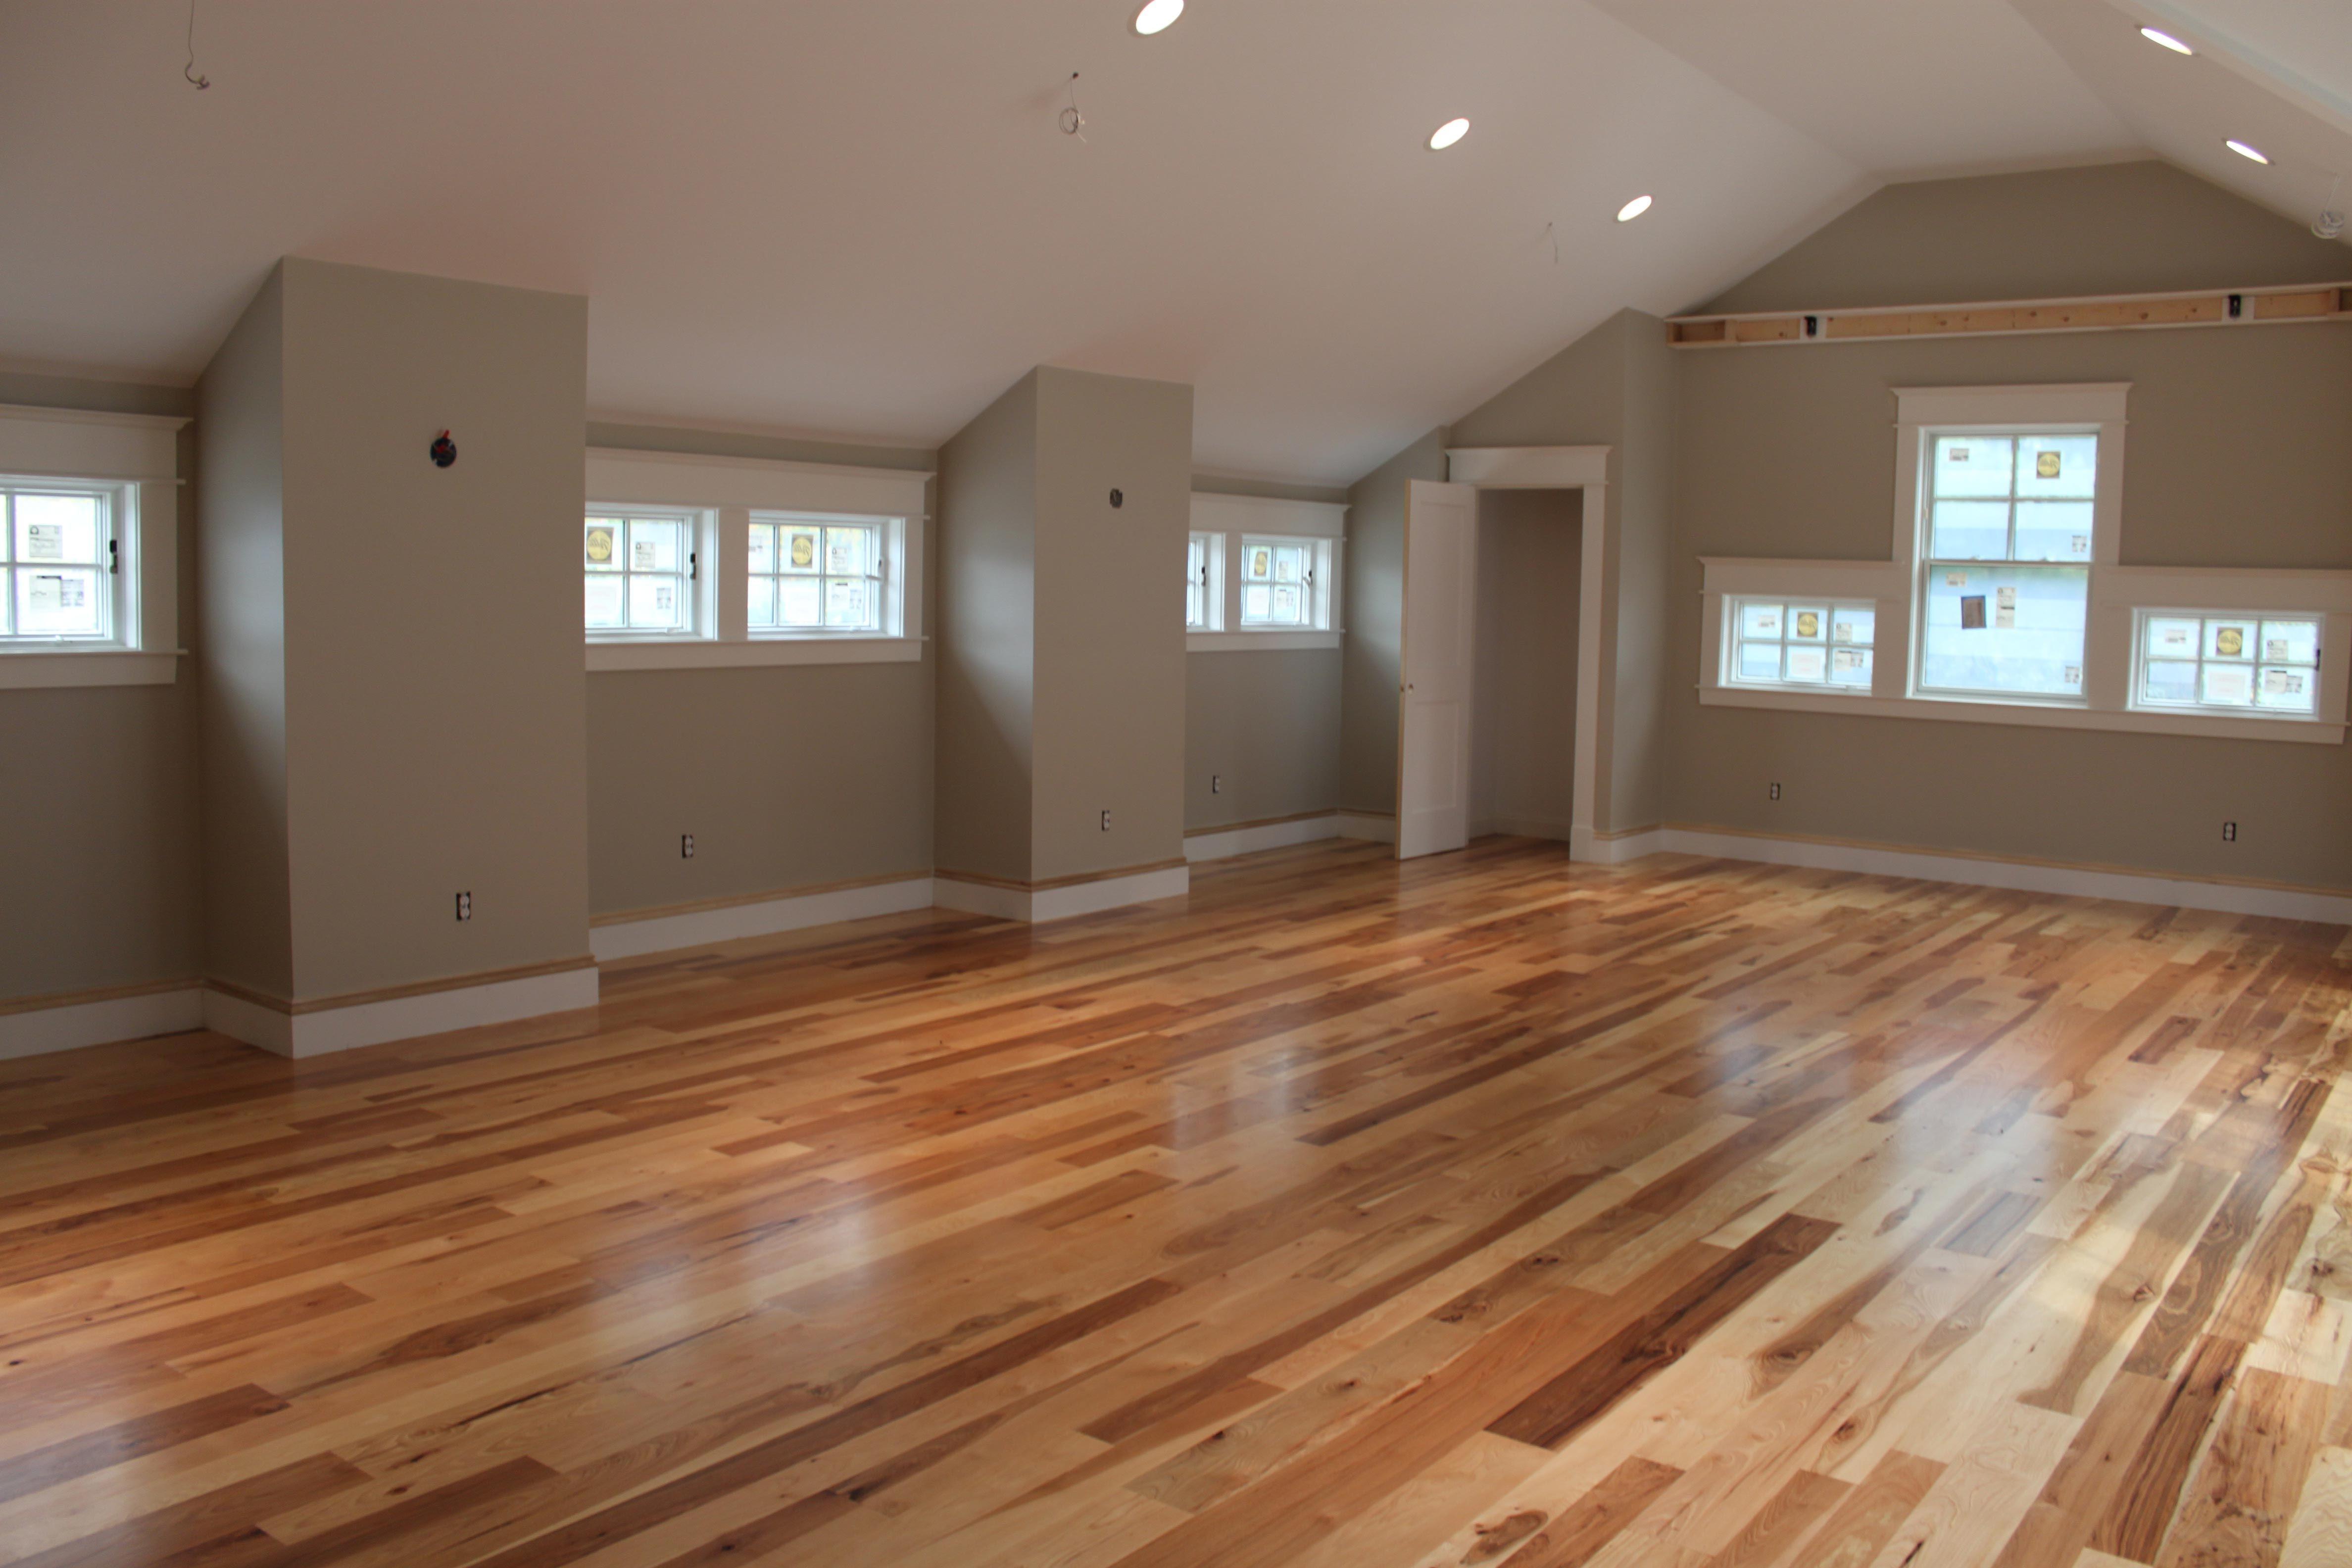 Polyurethane Finishes For Hardwood Floors Wood Floors Wide Plank Engineered Wood Floors Best Engineered Wood Flooring